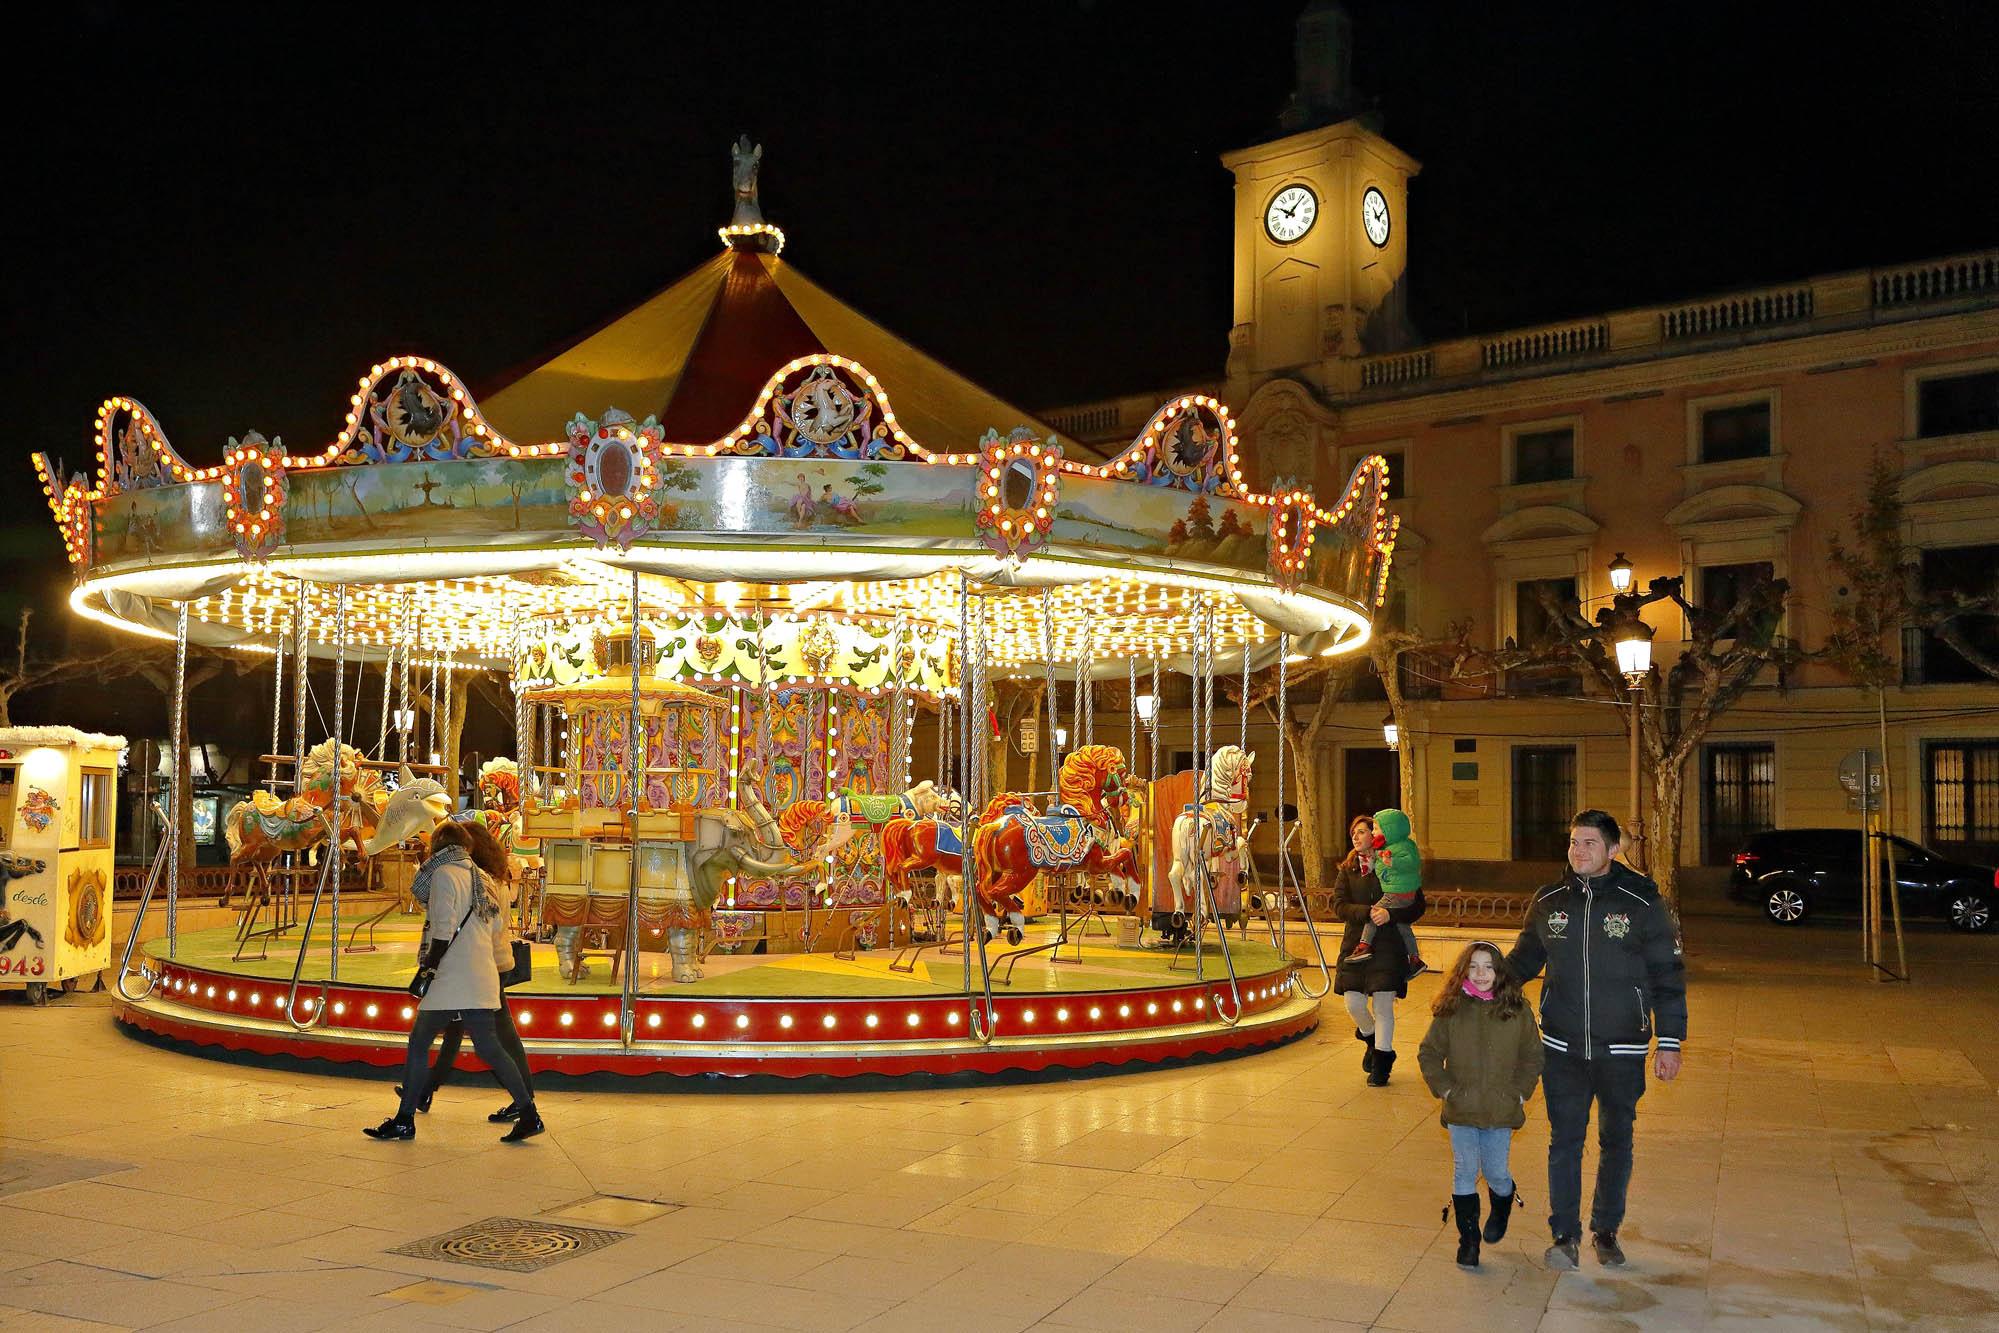 El carrusel de la Plaza Cervantes no podía faltar en Navidad.